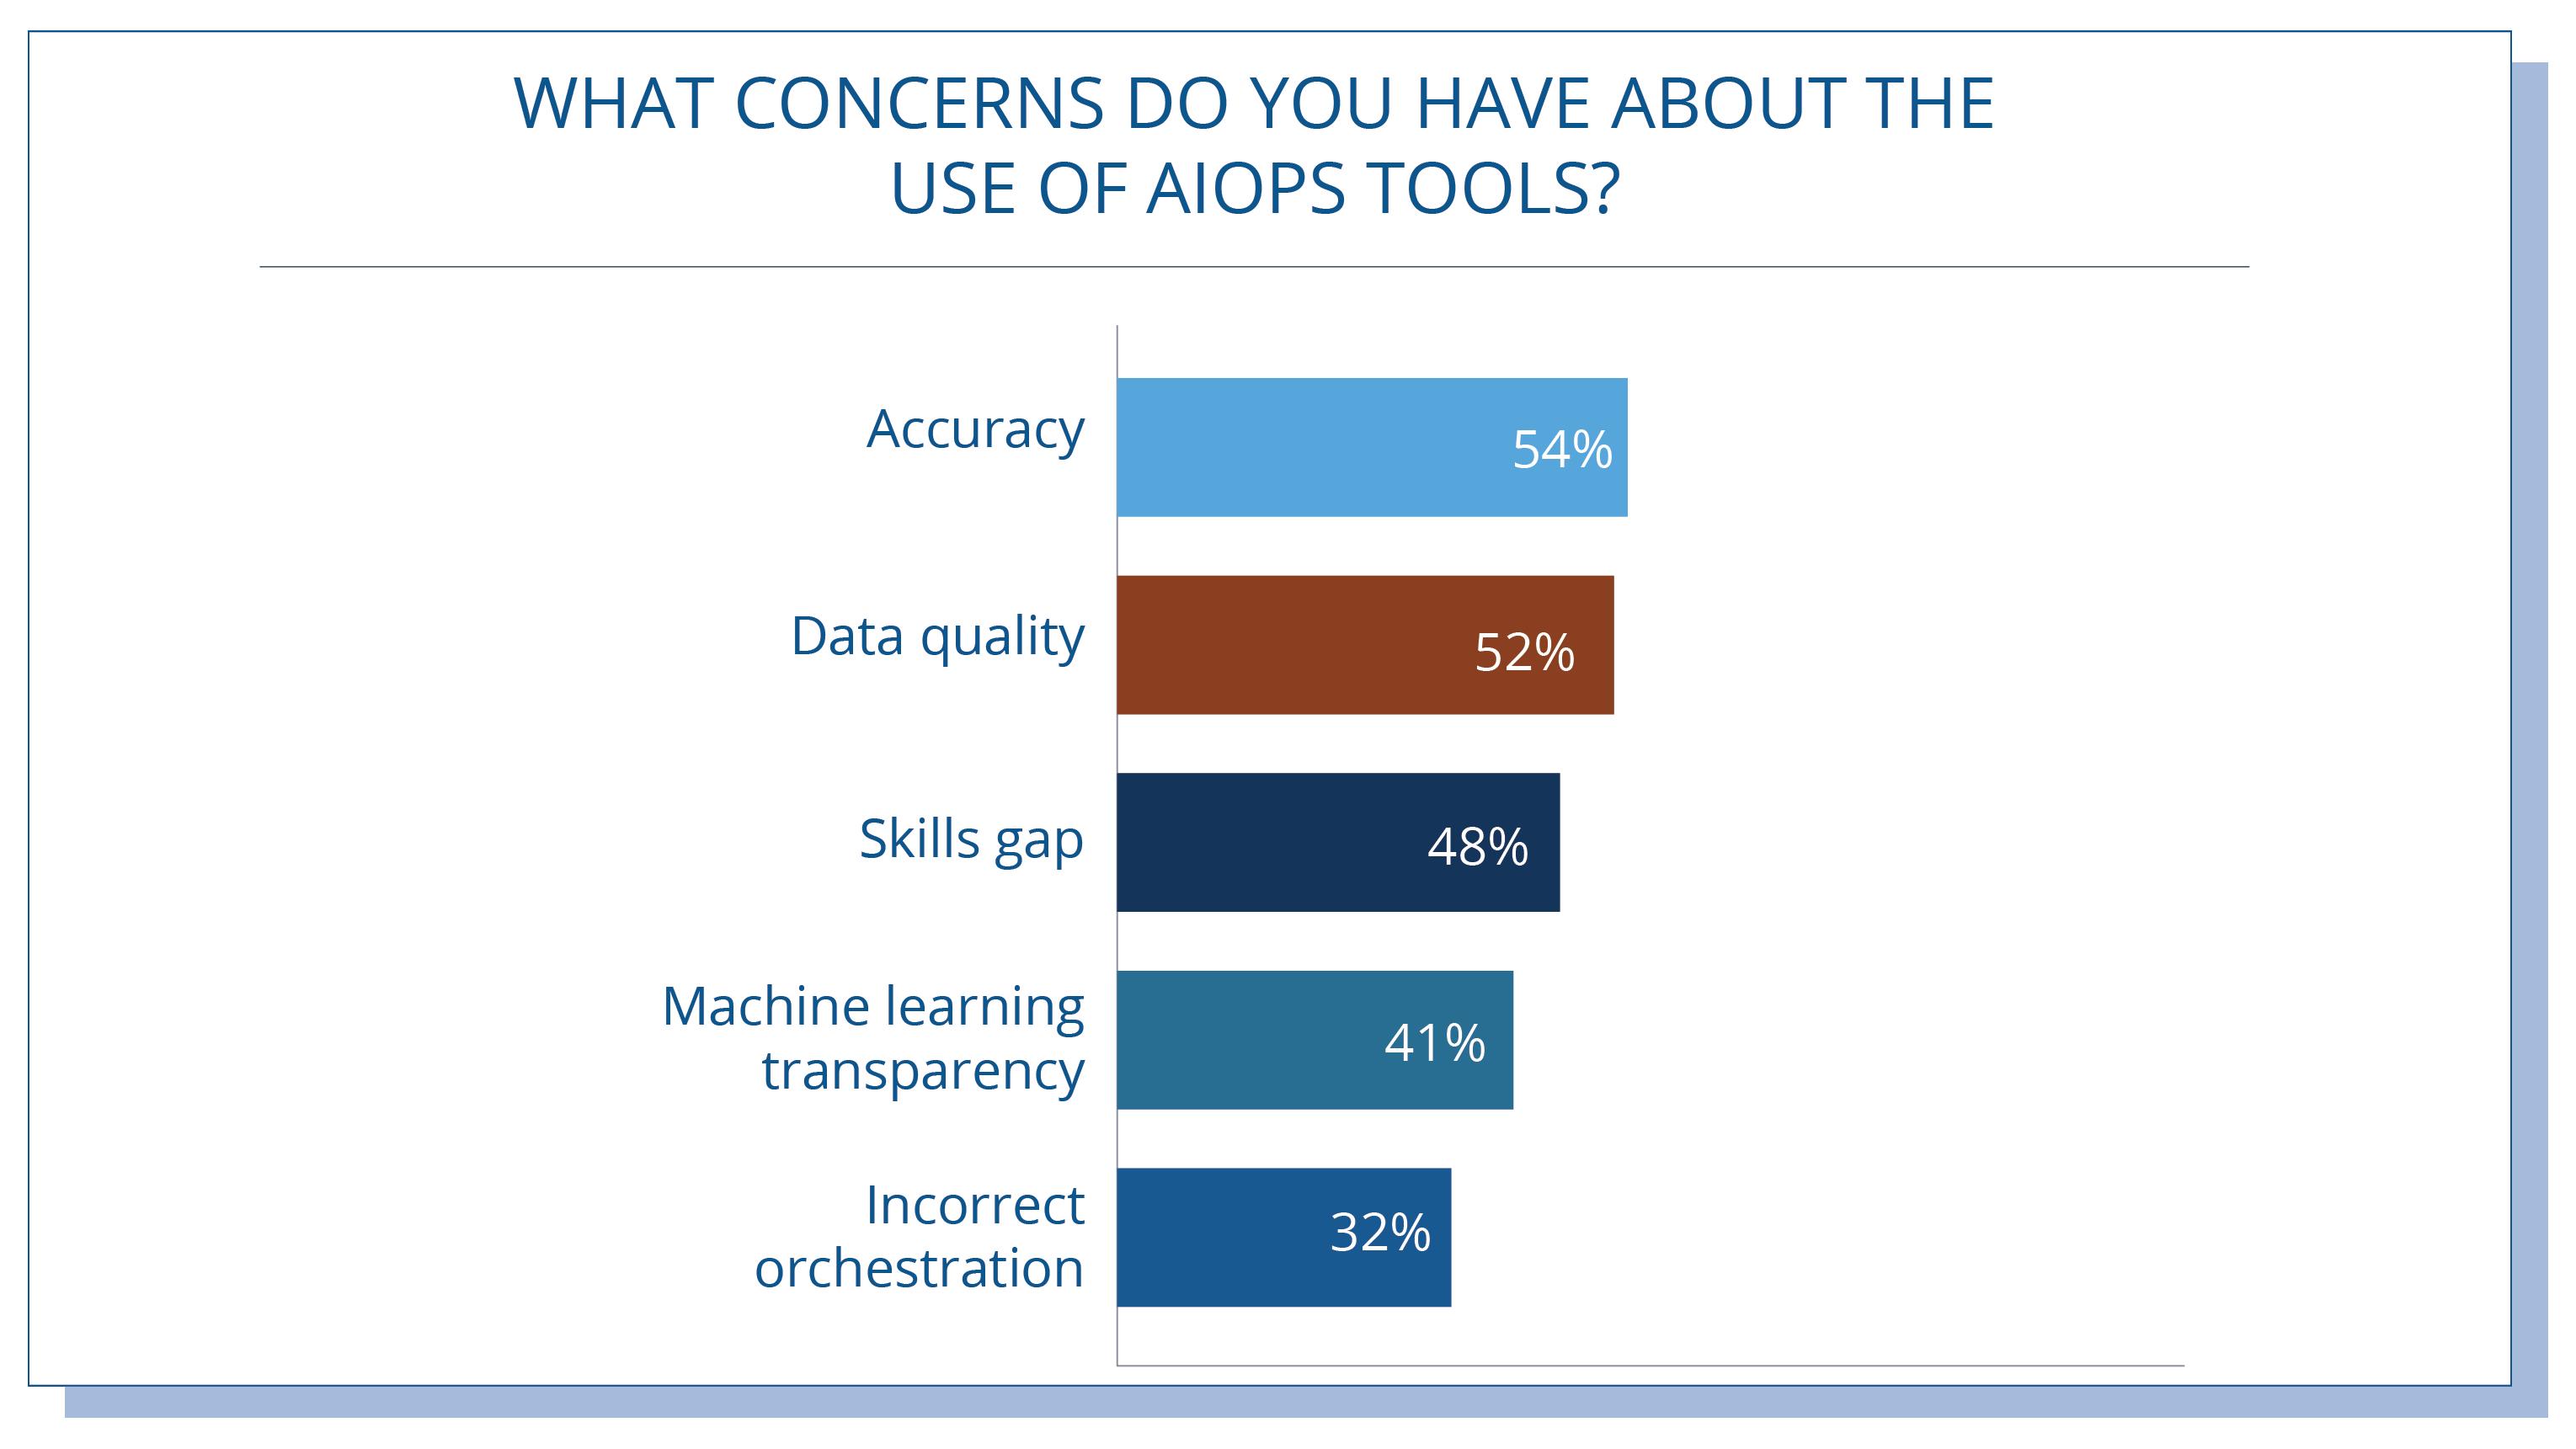 AIOps-Tools-Top-Concerns